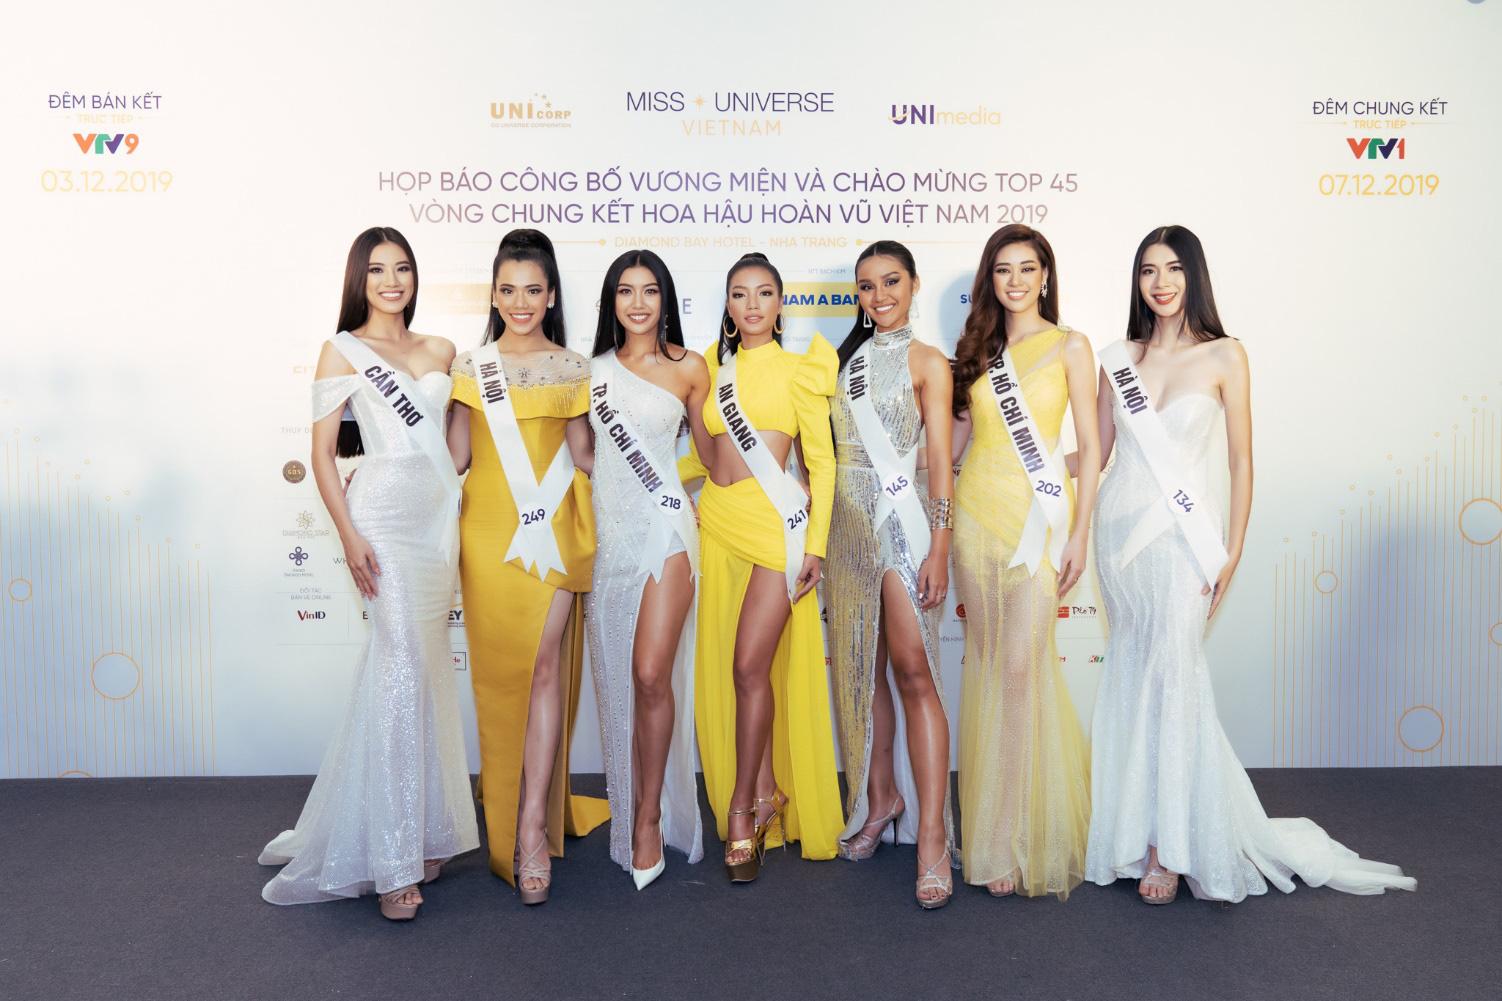 Vương miện vô giá Brave Heart Hoa hậu Hoàn vũ Việt Nam 2019 được thực hiện trong 6 tháng - Ảnh 1.